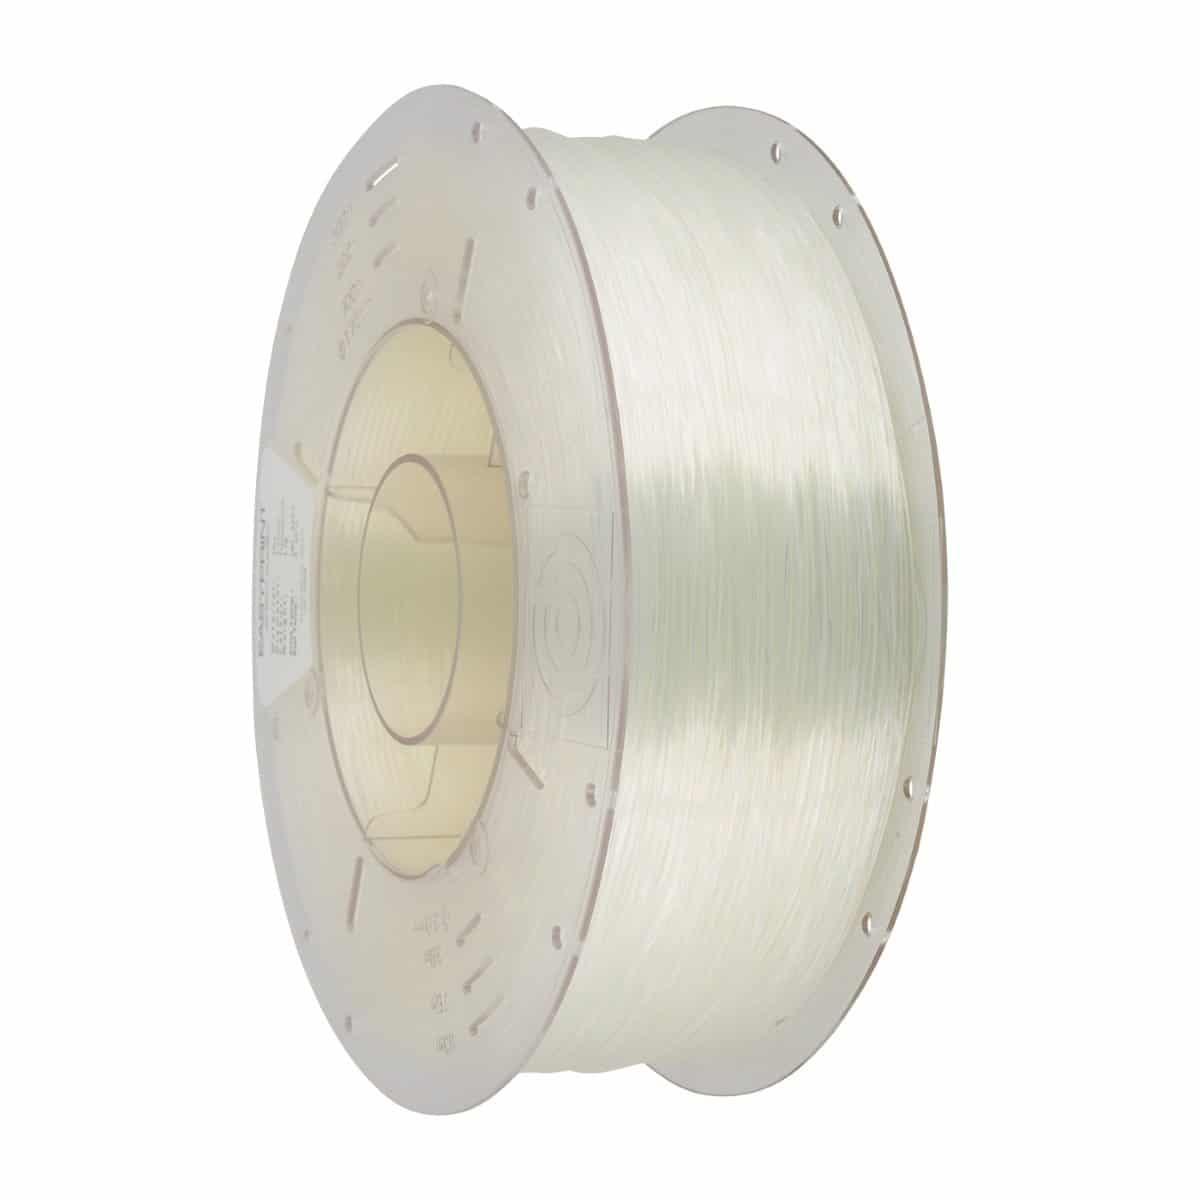 Image of PrimaCreator™ EasyPrint FLEX 95A - 1.75mm - 1 kg - Transparent